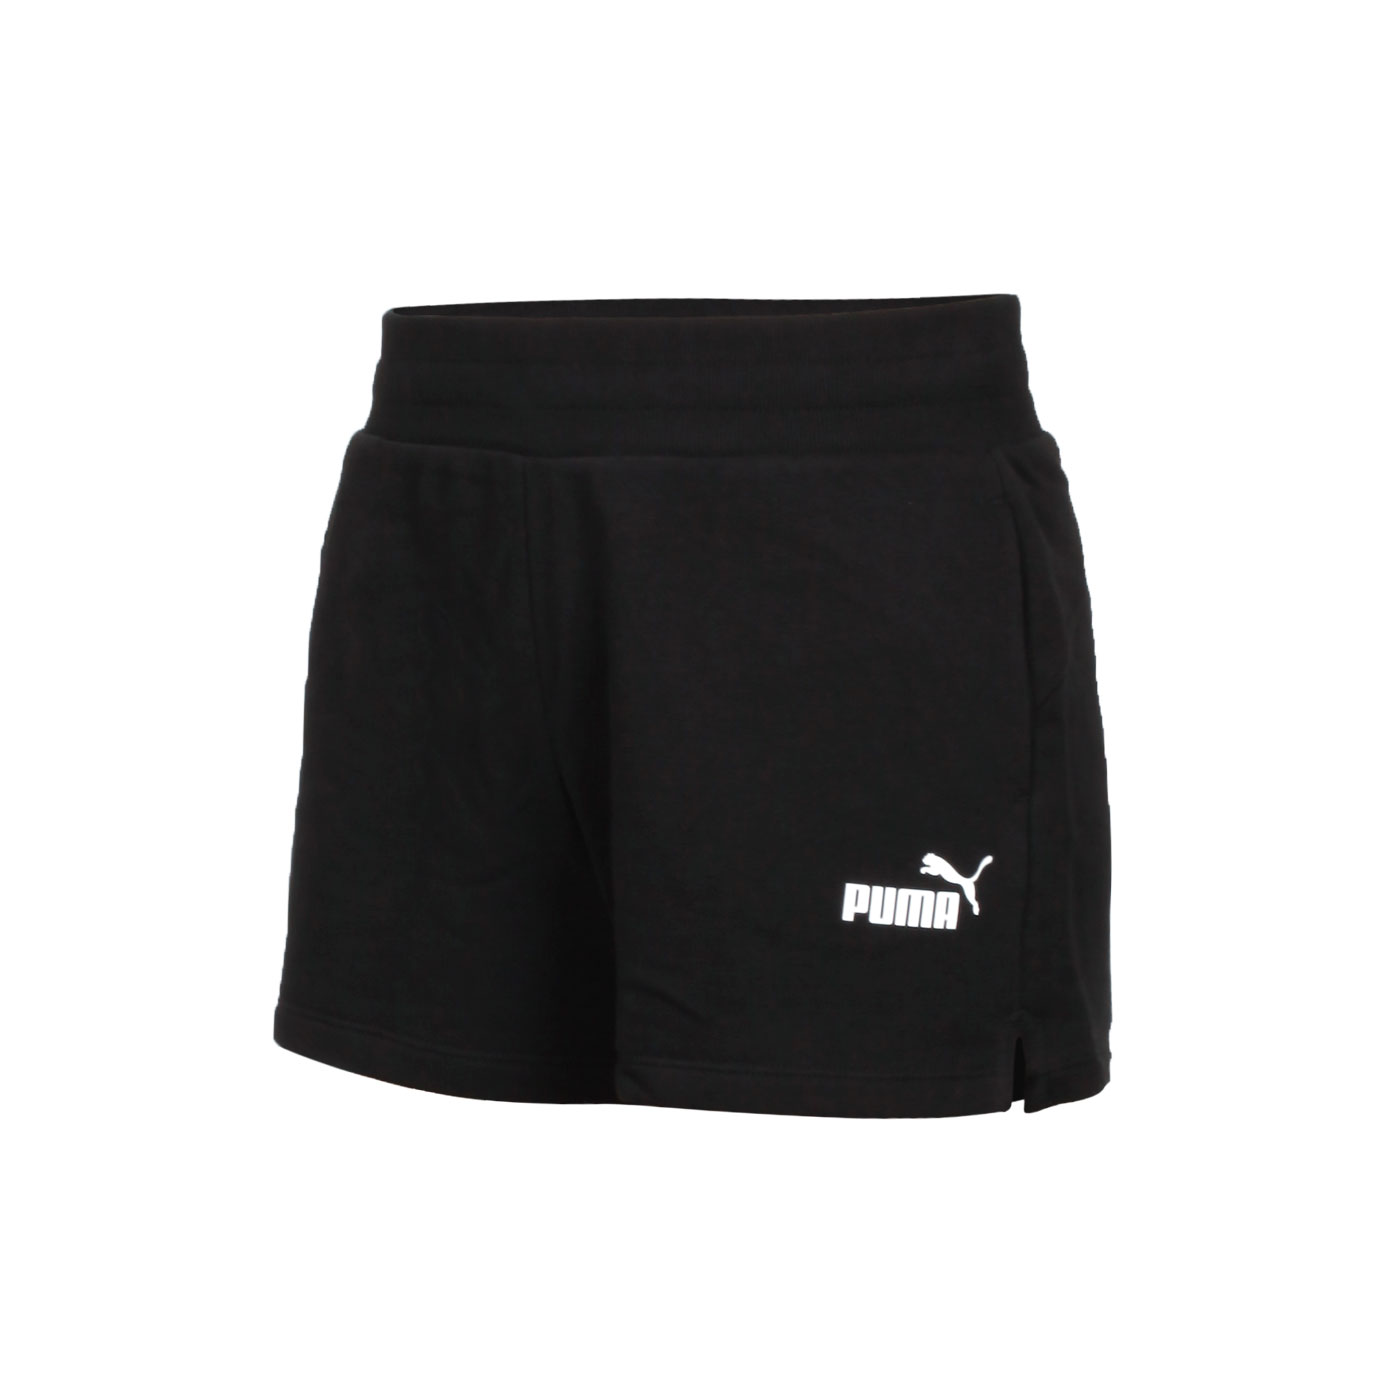 PUMA 基本系列Ess女款4吋短褲 58682401